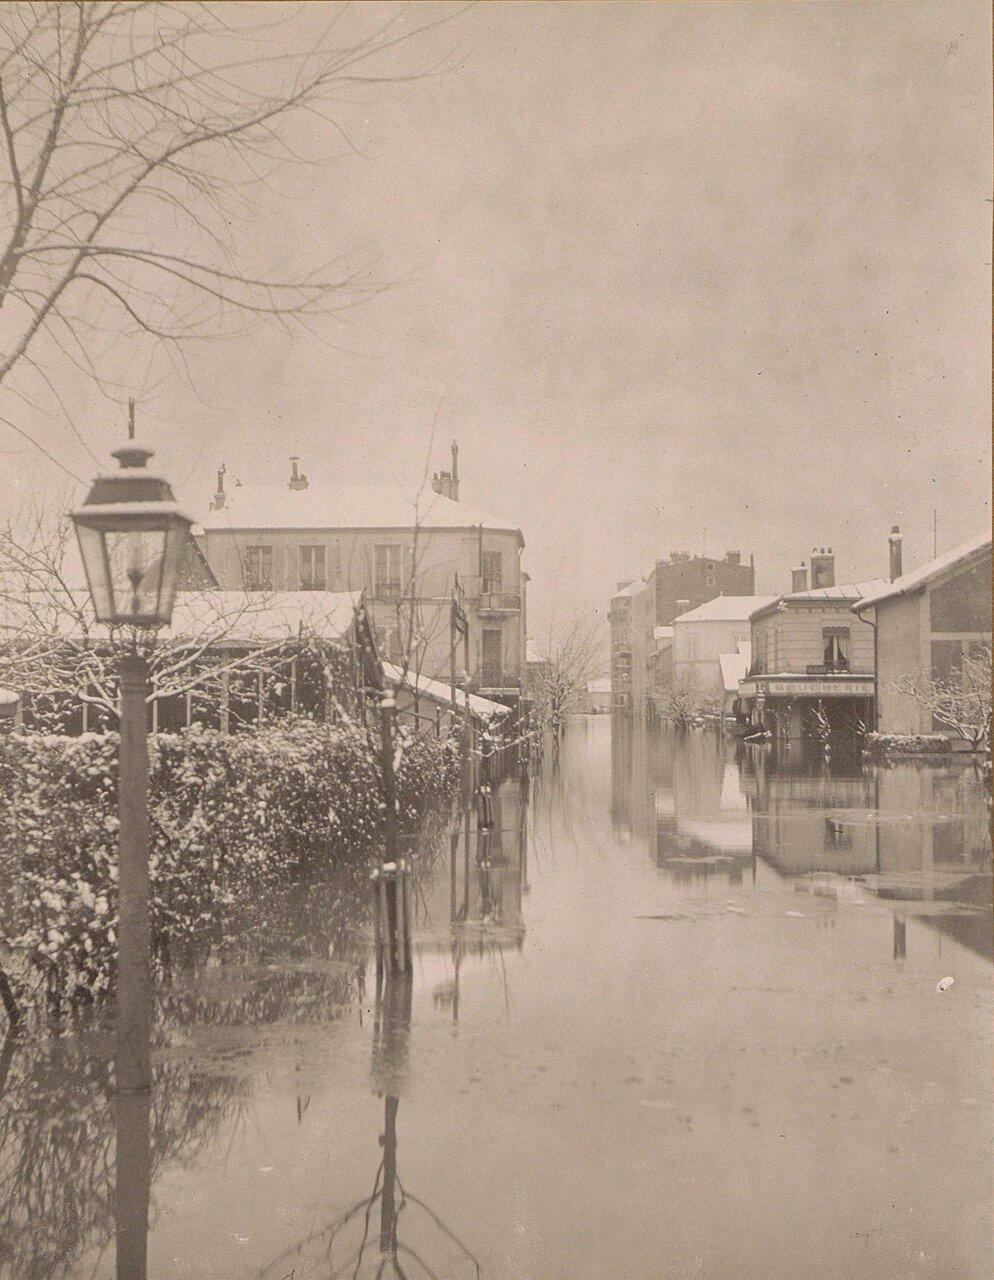 1910. Затопленная улица с заснеженными домами в пригороде Парижа